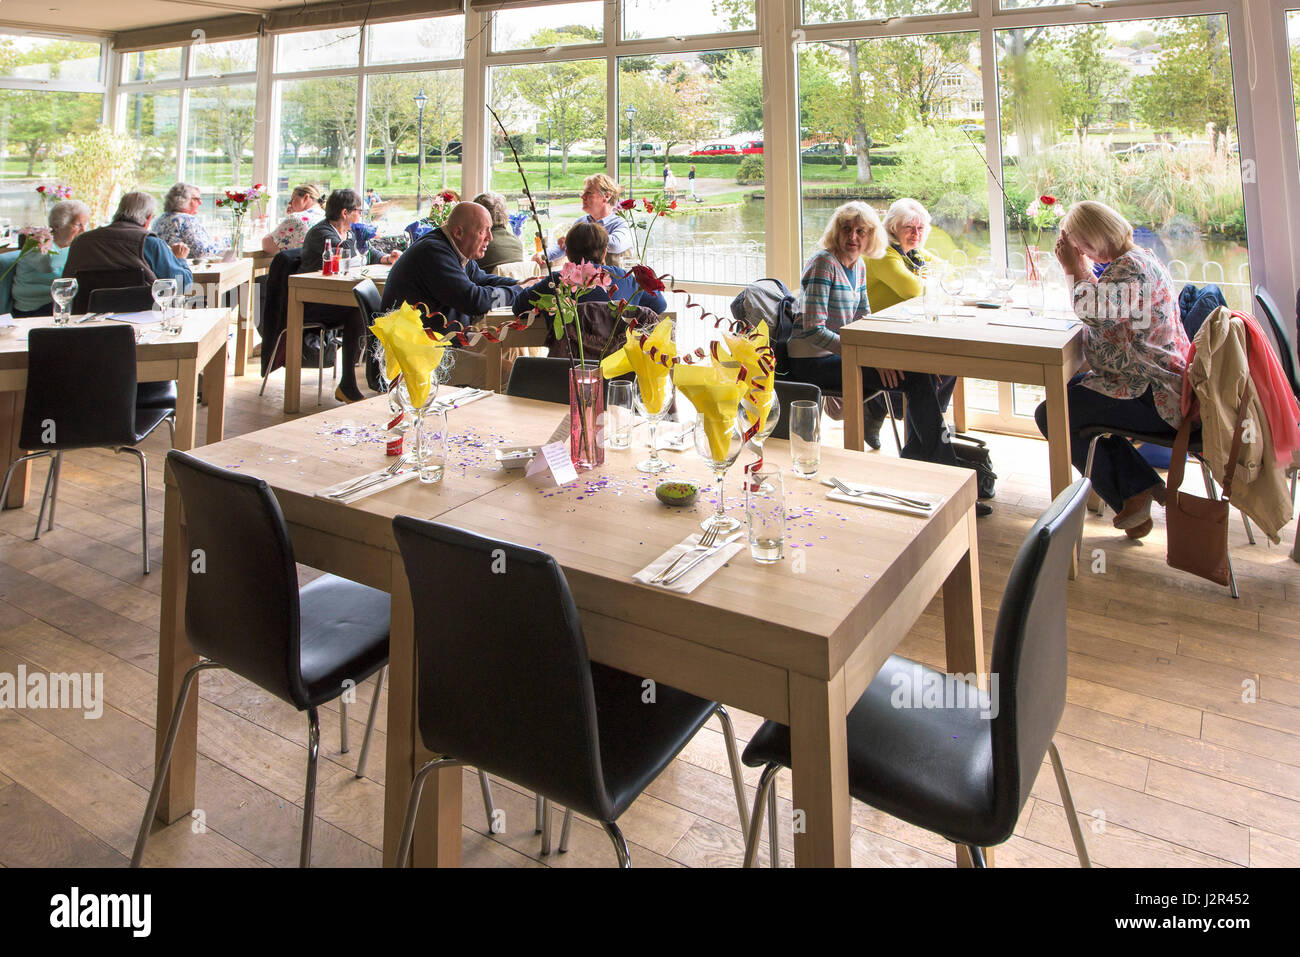 Restuarant Interieur; Kunden; Entspannte Atmosphäre; Genießen; Genuss; Reservierter Tisch; Fest; Tischdekorationen; Stockbild